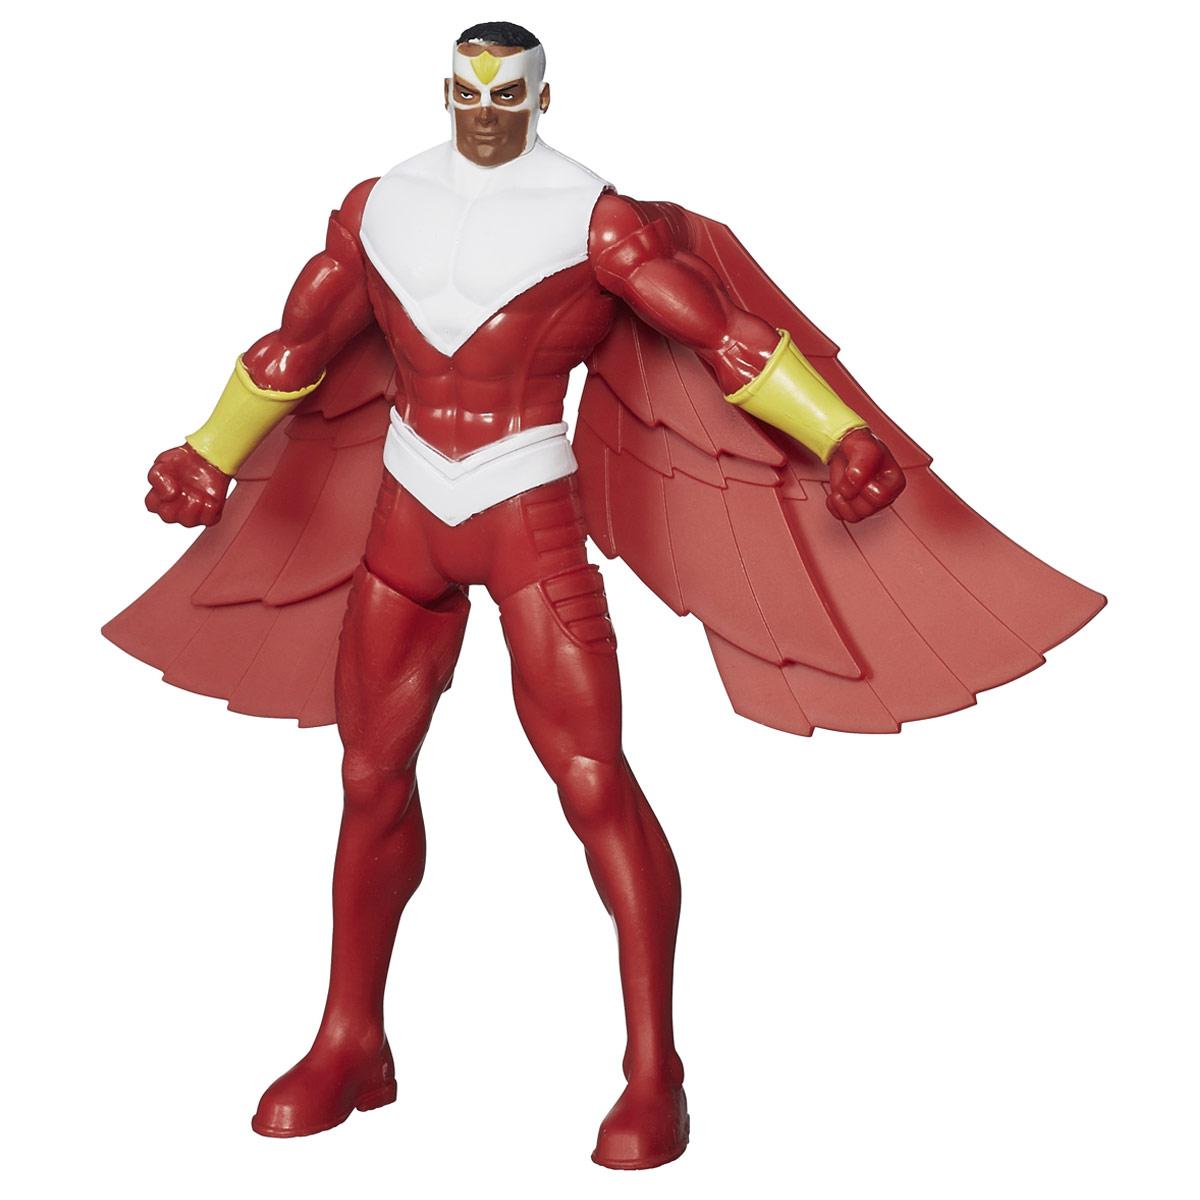 Боевая фигурка Avengers Marvels Falcon, 16 смB1202_B1810Боевая фигурка Avengers Marvels Falcon порадует любого маленького поклонника знаменитой серии Мстители (Avengers). Фигурка изготовлена из высококачественного прочного пластика и выполнена в виде супергероя Сокола. Сведите ноги фигурки вместе, и Сокол поднимет руки и расправит крылья. Фигурка отличается высоким качеством исполнения и детализации. Сокол родился в жестоком районе Гарлема. Он владеет навыками акробатики, рукопашного боя, а также боя в воздухе, чего он достиг частыми тренировками в своём костюме, позволяющем летать. Также он владеет телепатической связью с птицами. Фигурка понравится как детям, так и взрослым коллекционерам, она станет отличным сувениром или займет достойное место в коллекции любого поклонника комиксов о непобедимых Мстителях.